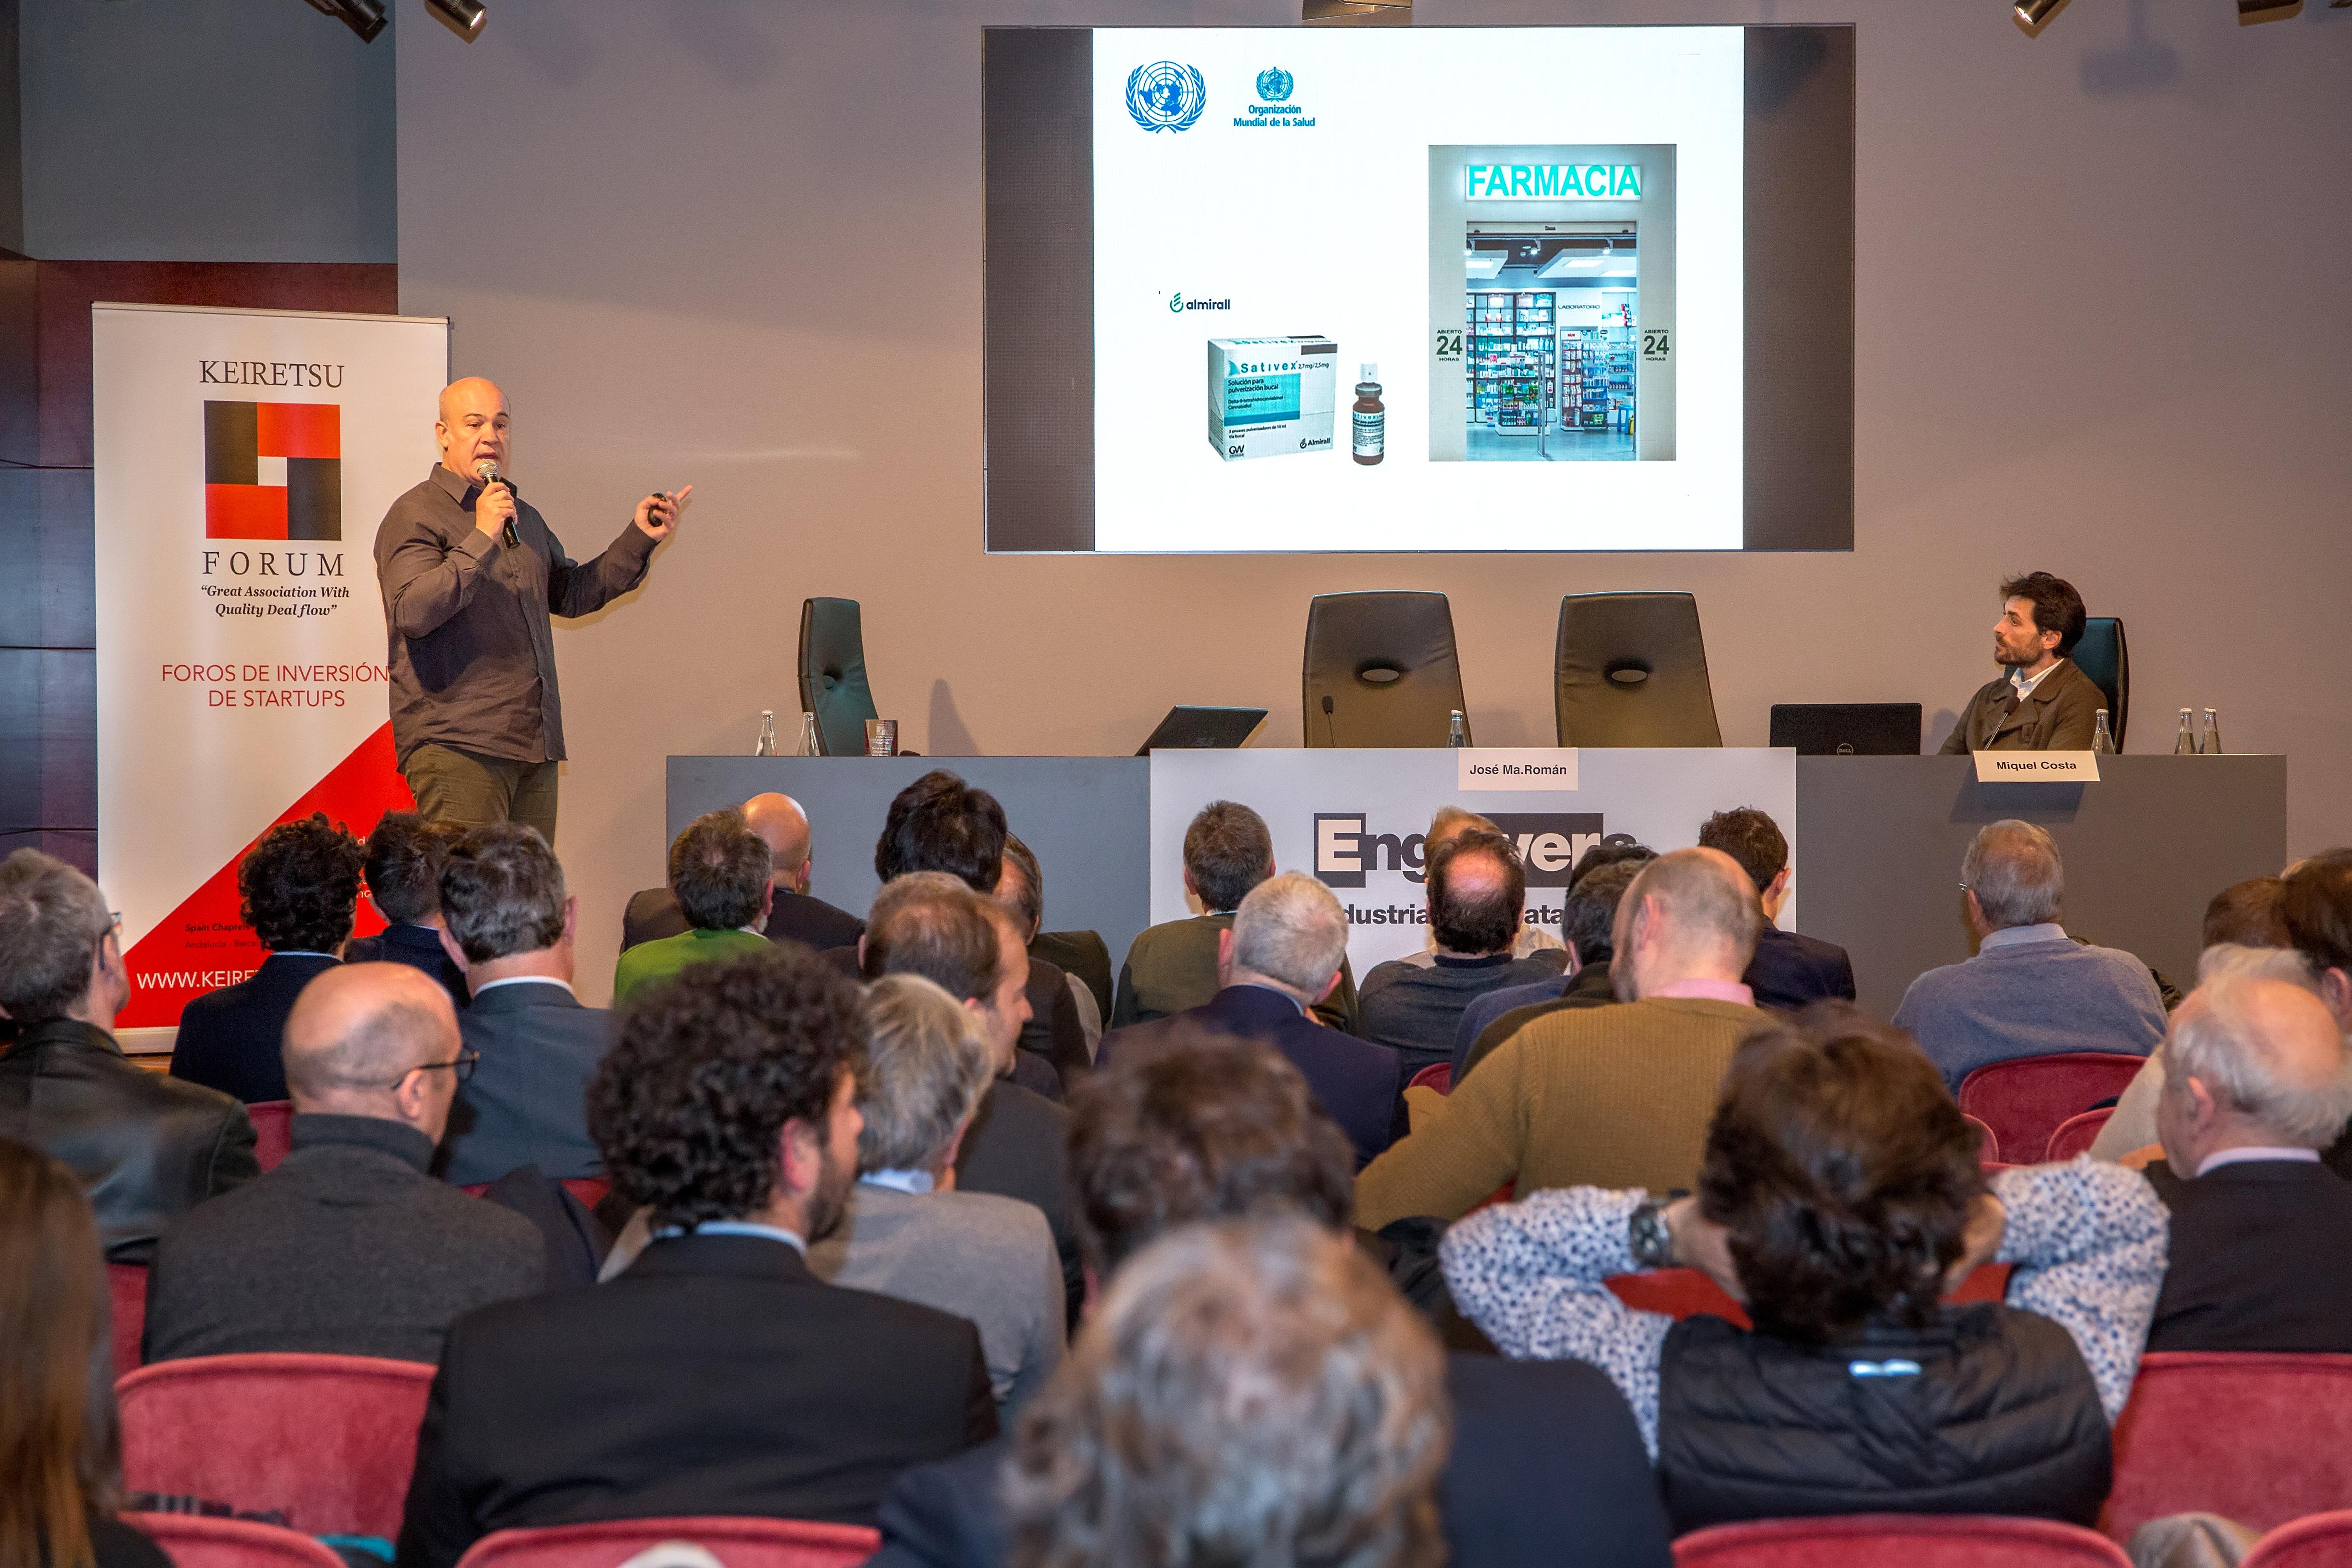 Emprendedor presentando startup ante inversores en el Foro de Inversión industrial Keiretsu Forum